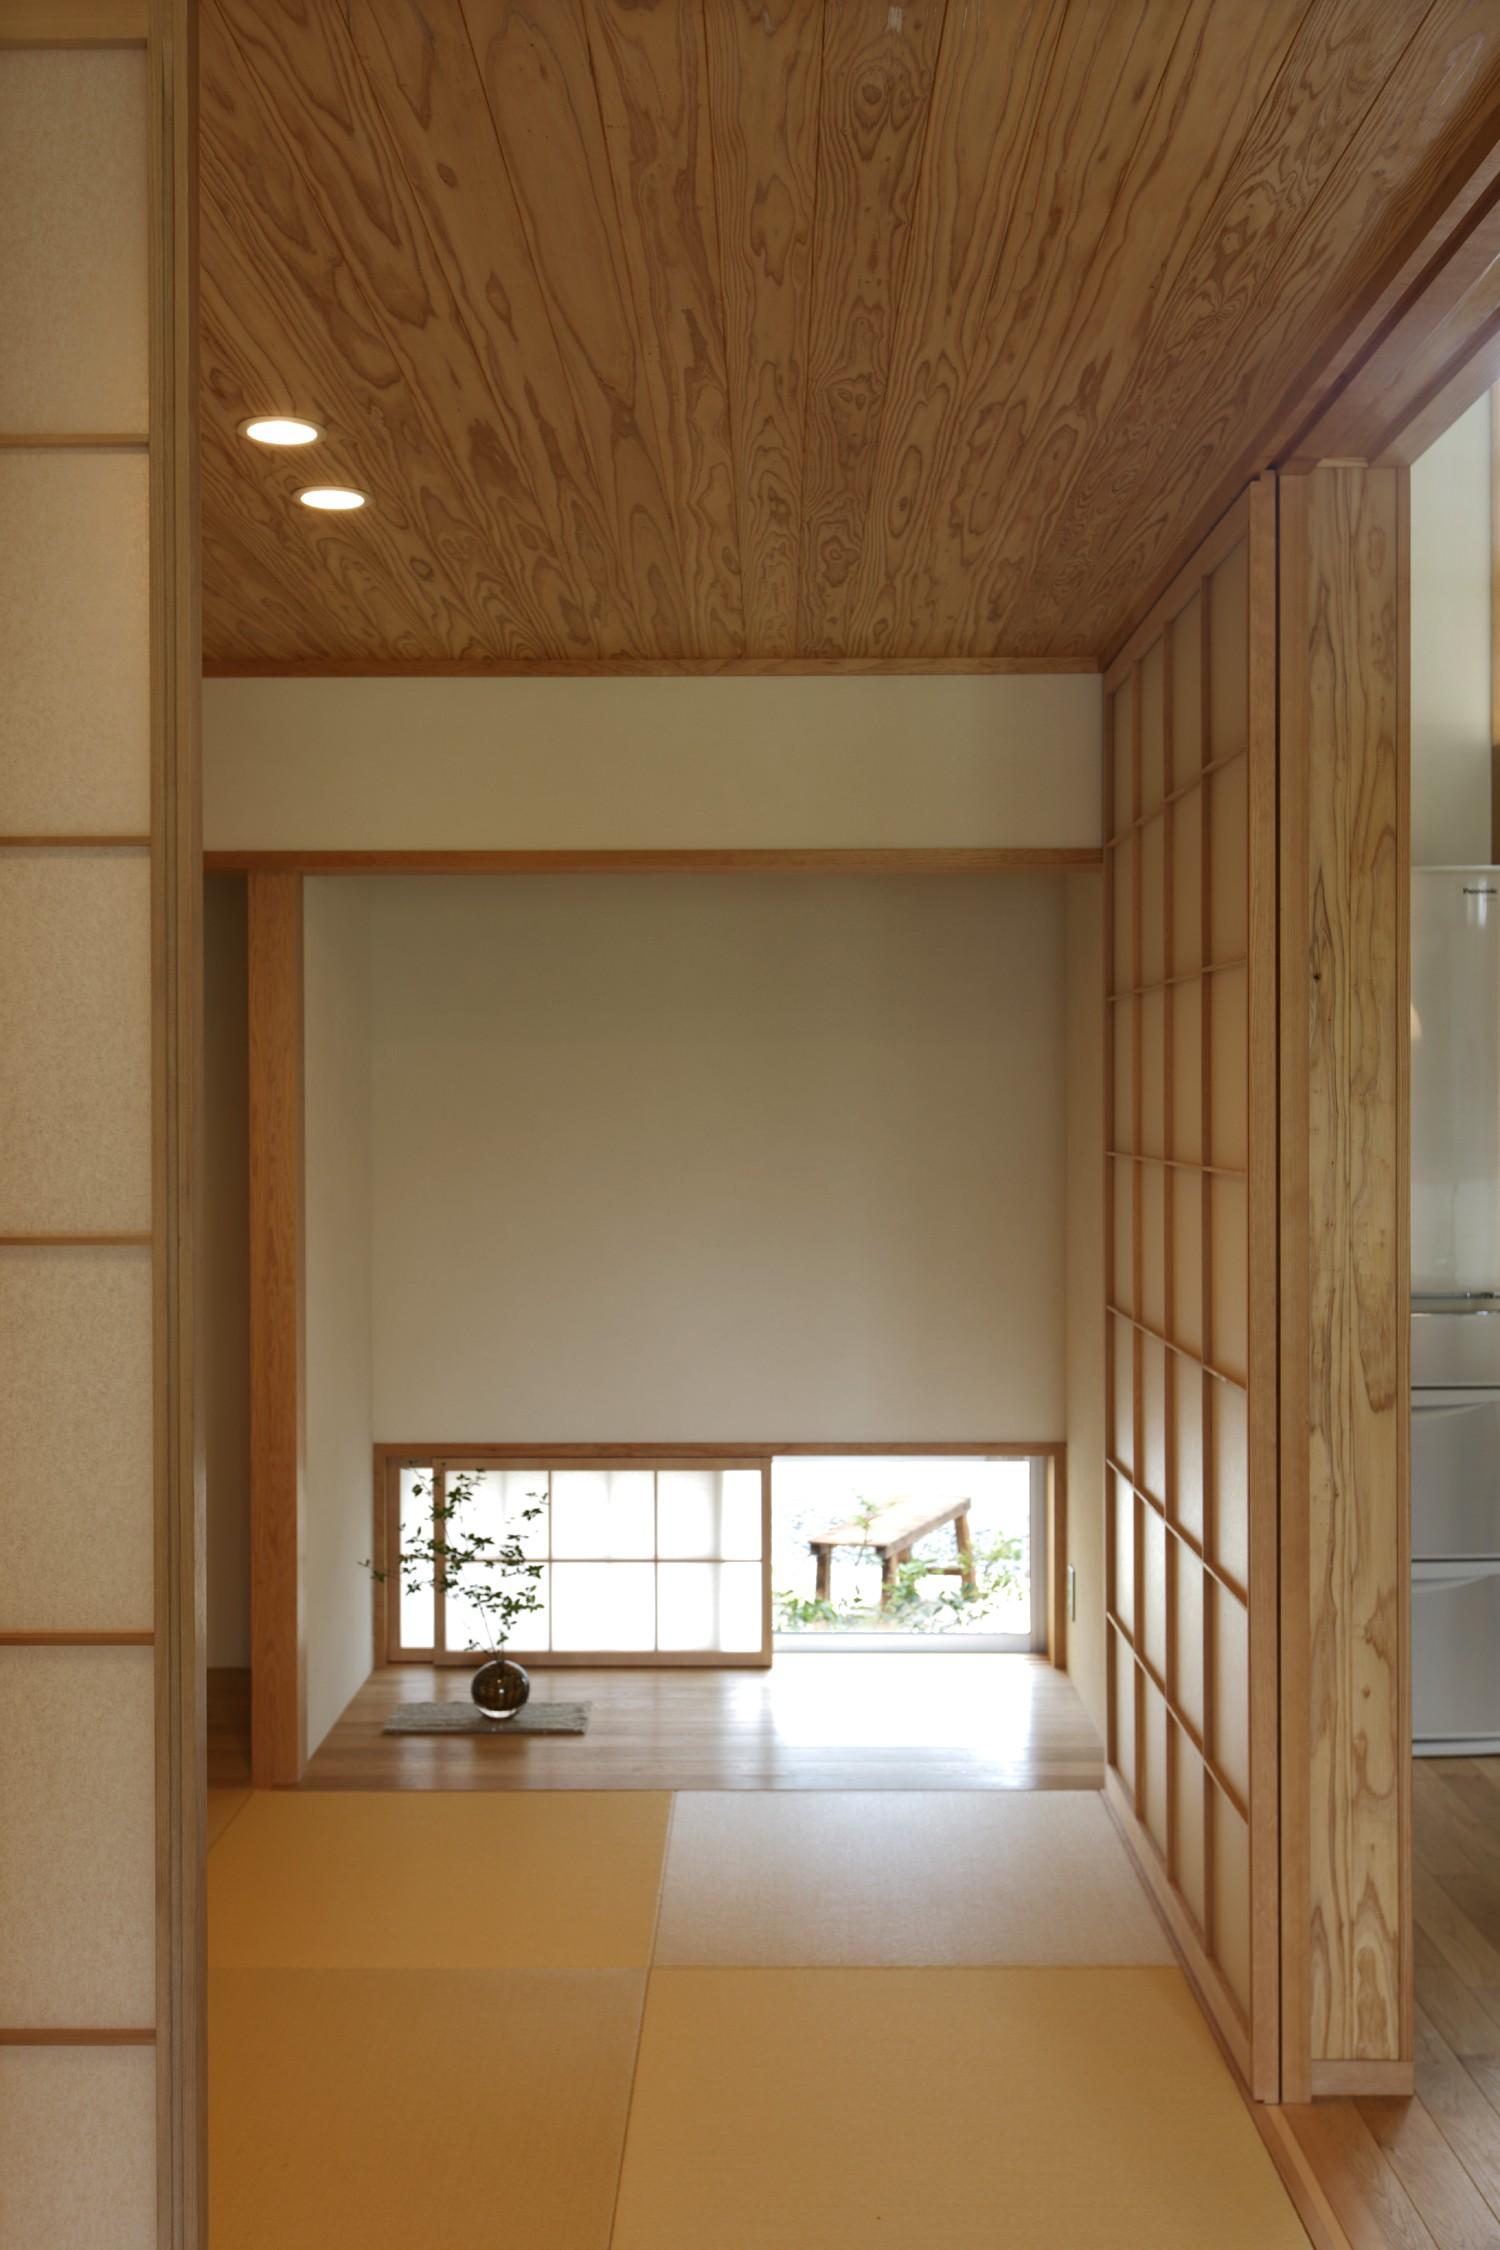 その他事例:畳スペース(自然体で暮らす平屋~光・風・緑を取り込む家~)